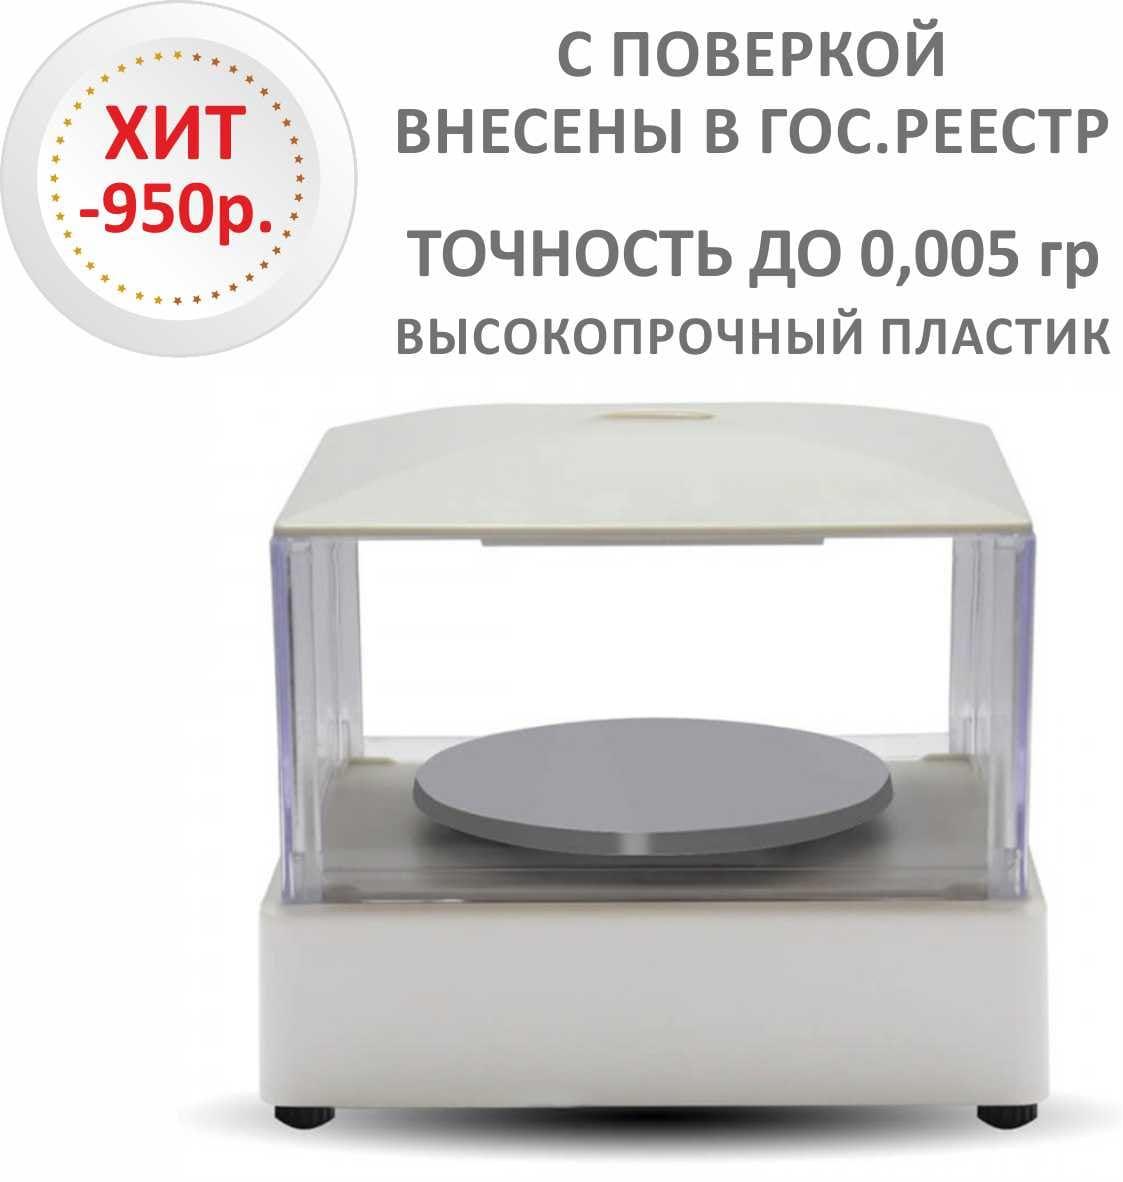 Весы лабораторные/аналитические M-ER 122 АCFJR-300.005 ACCURATE LCD - вид сзади